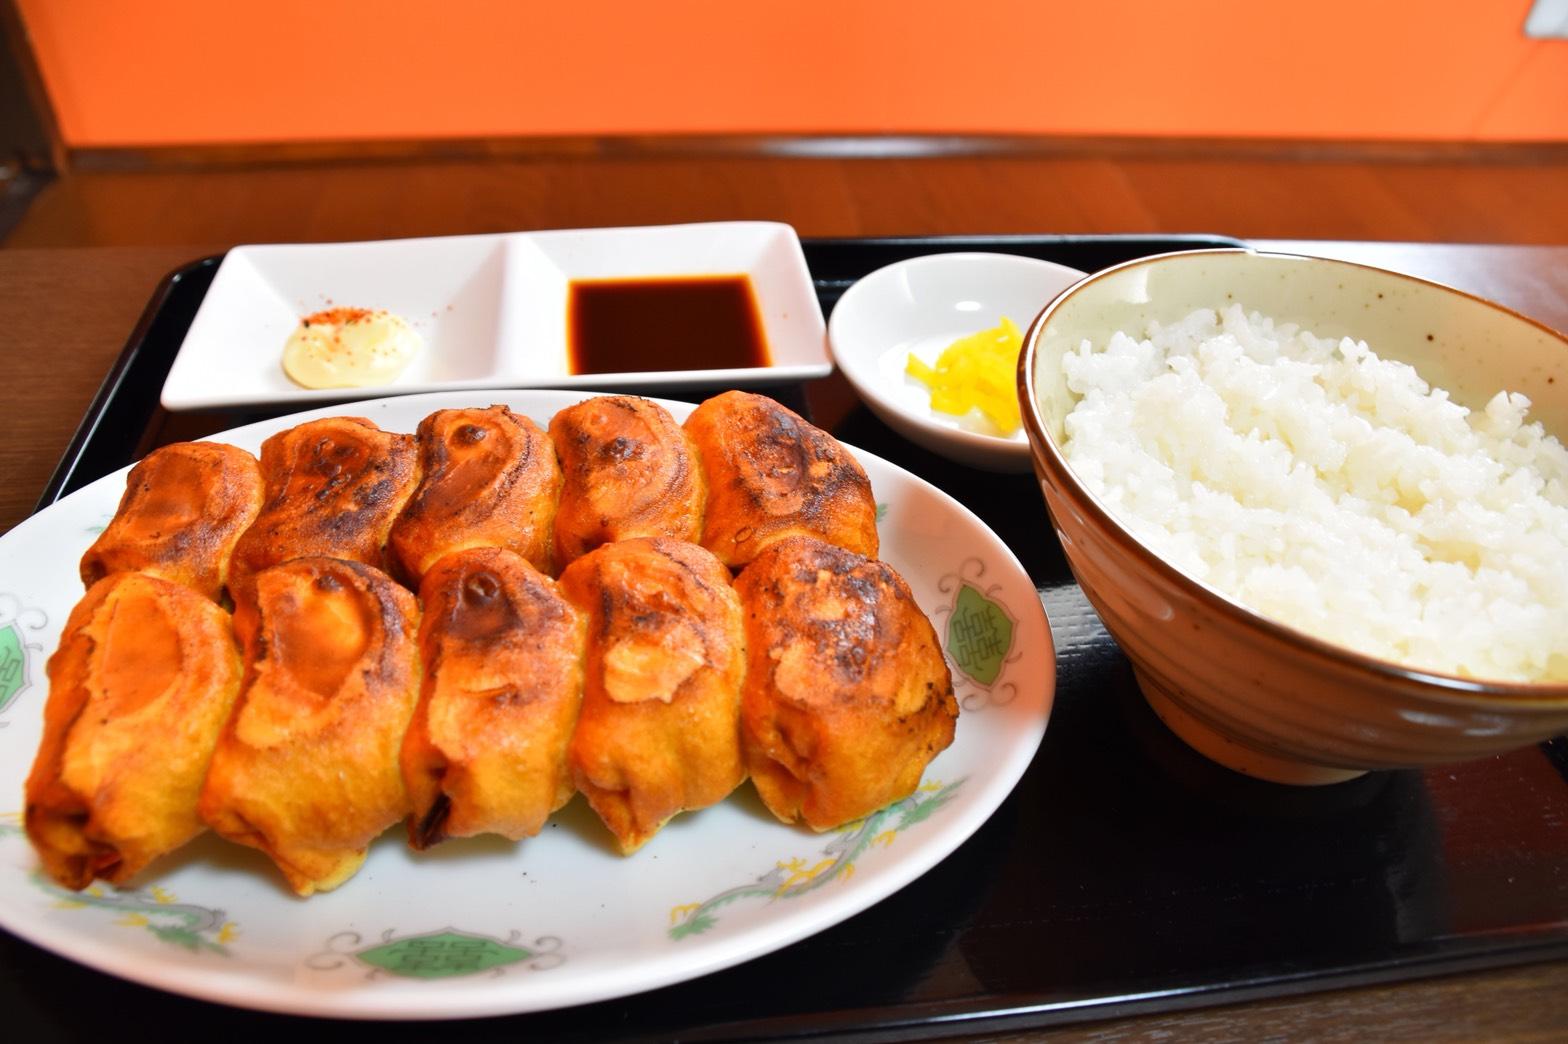 焼餃子10個定食 800円